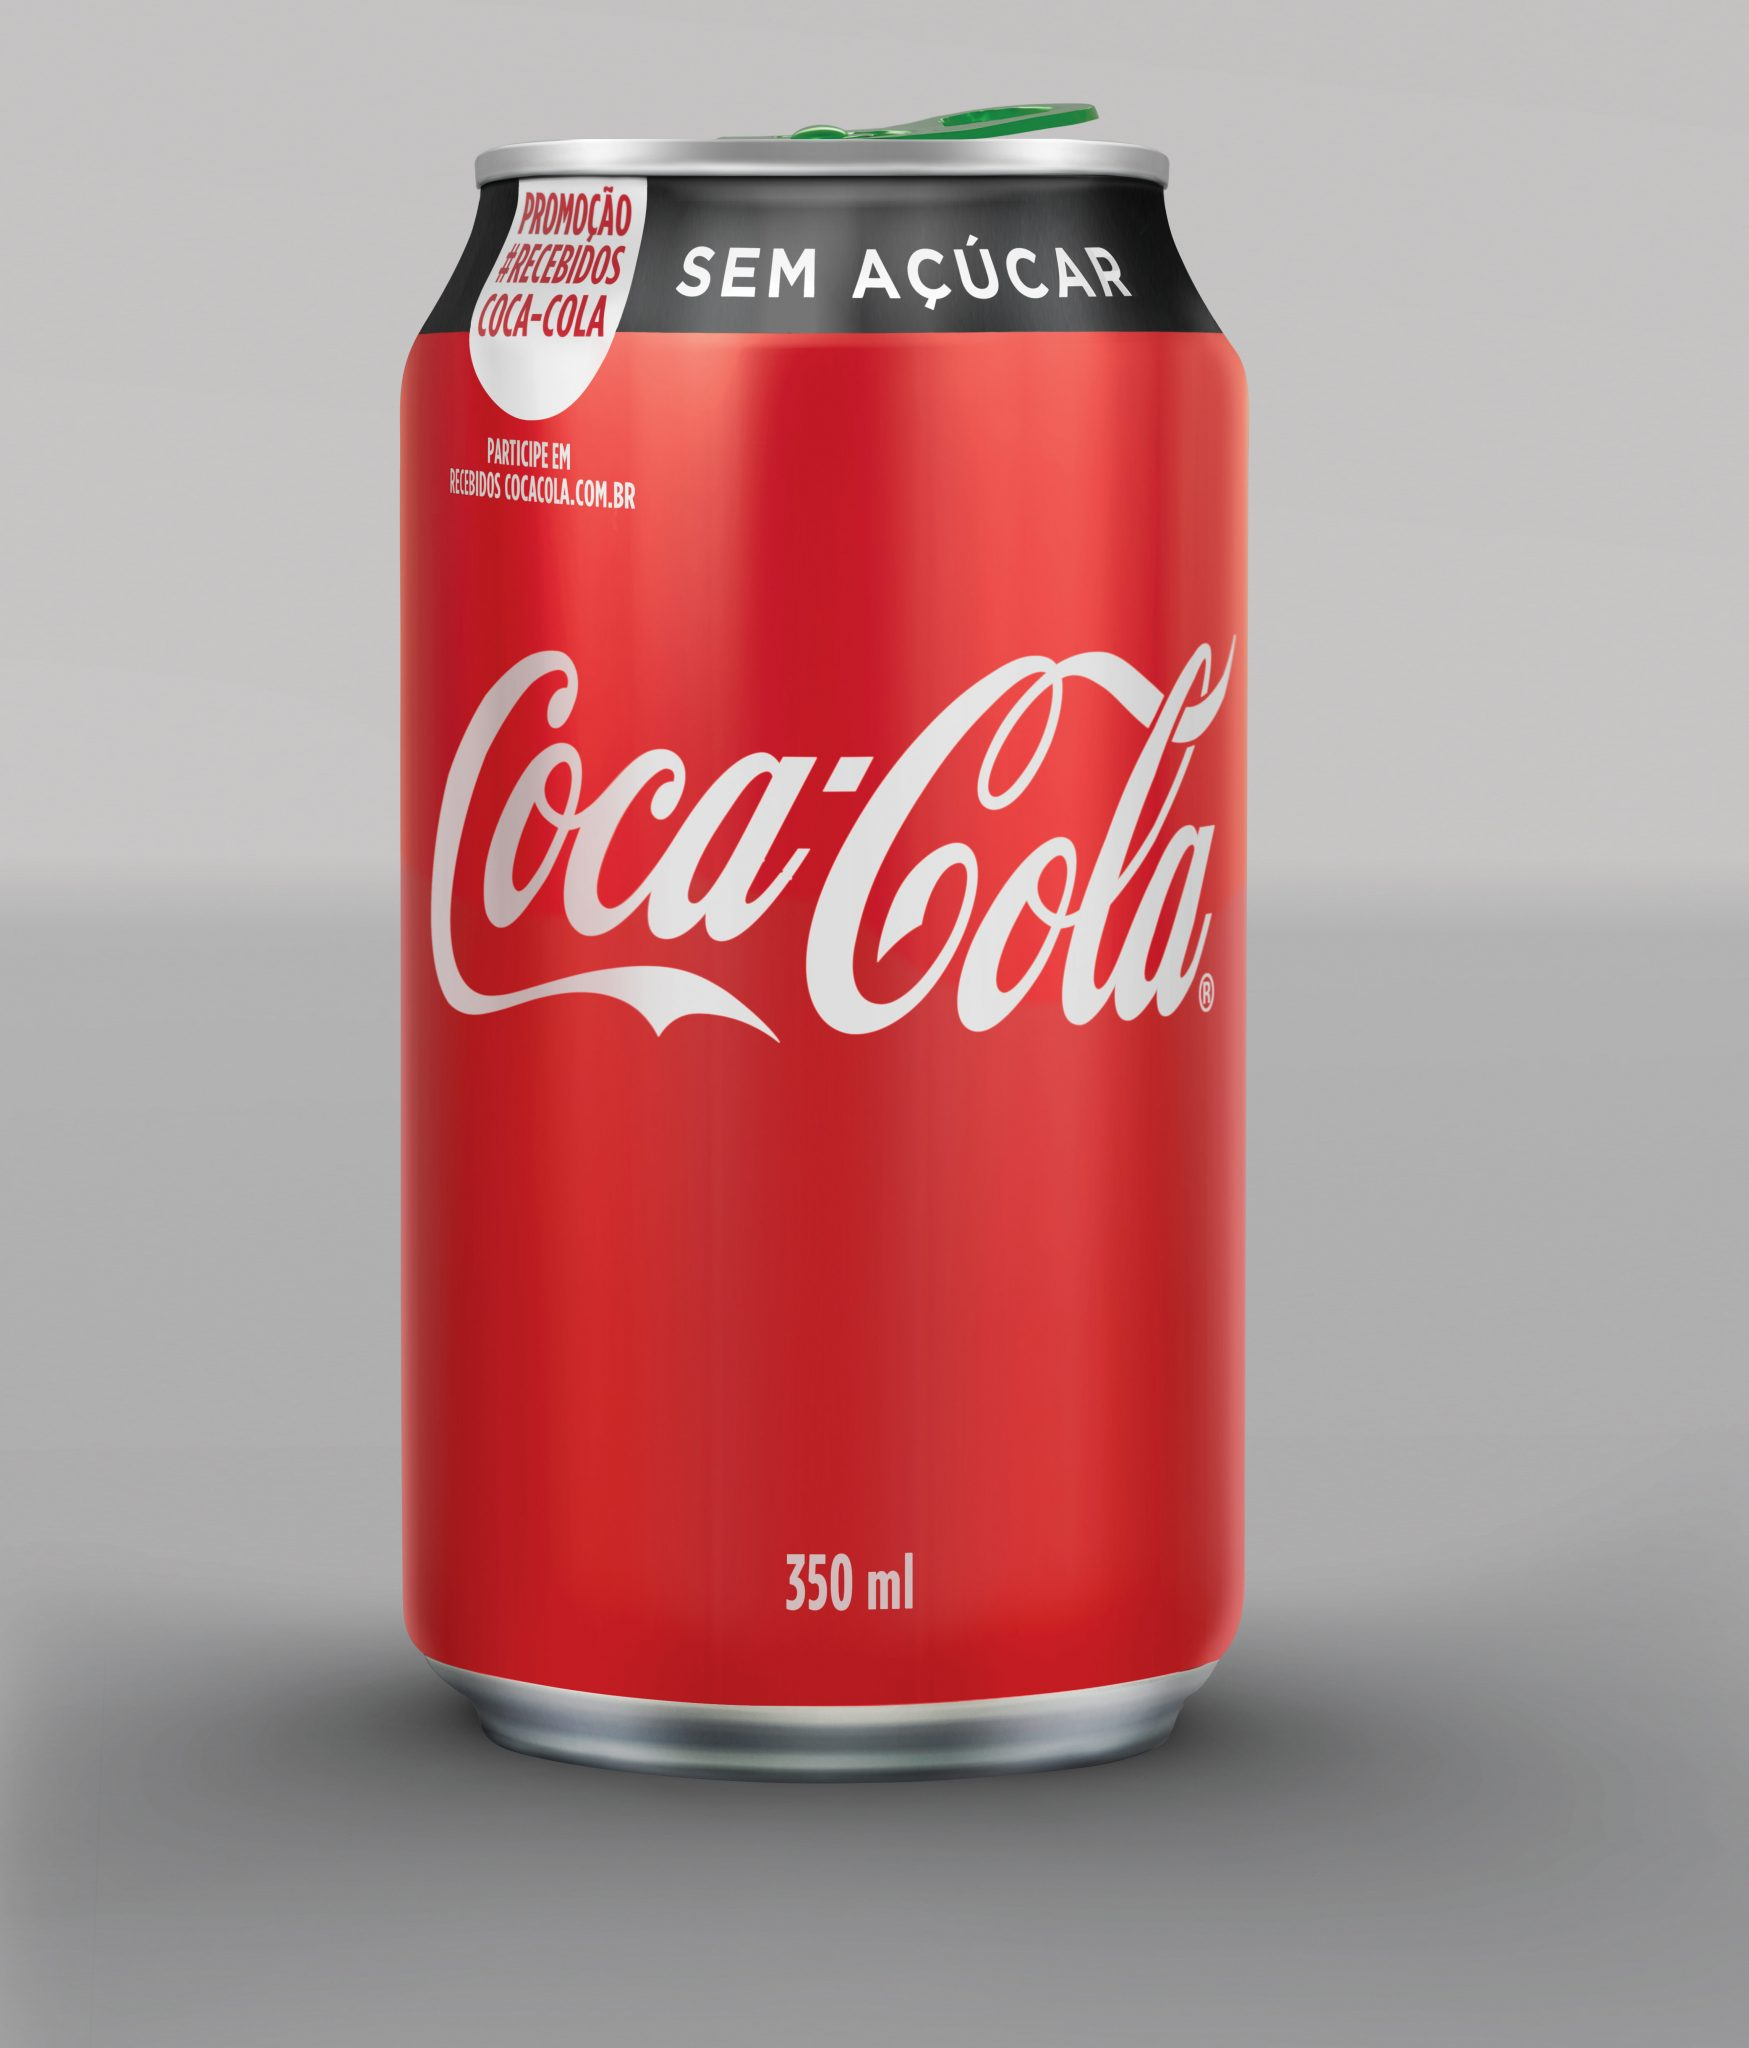 Promo Recebidos Coca-Cola - Anel verde